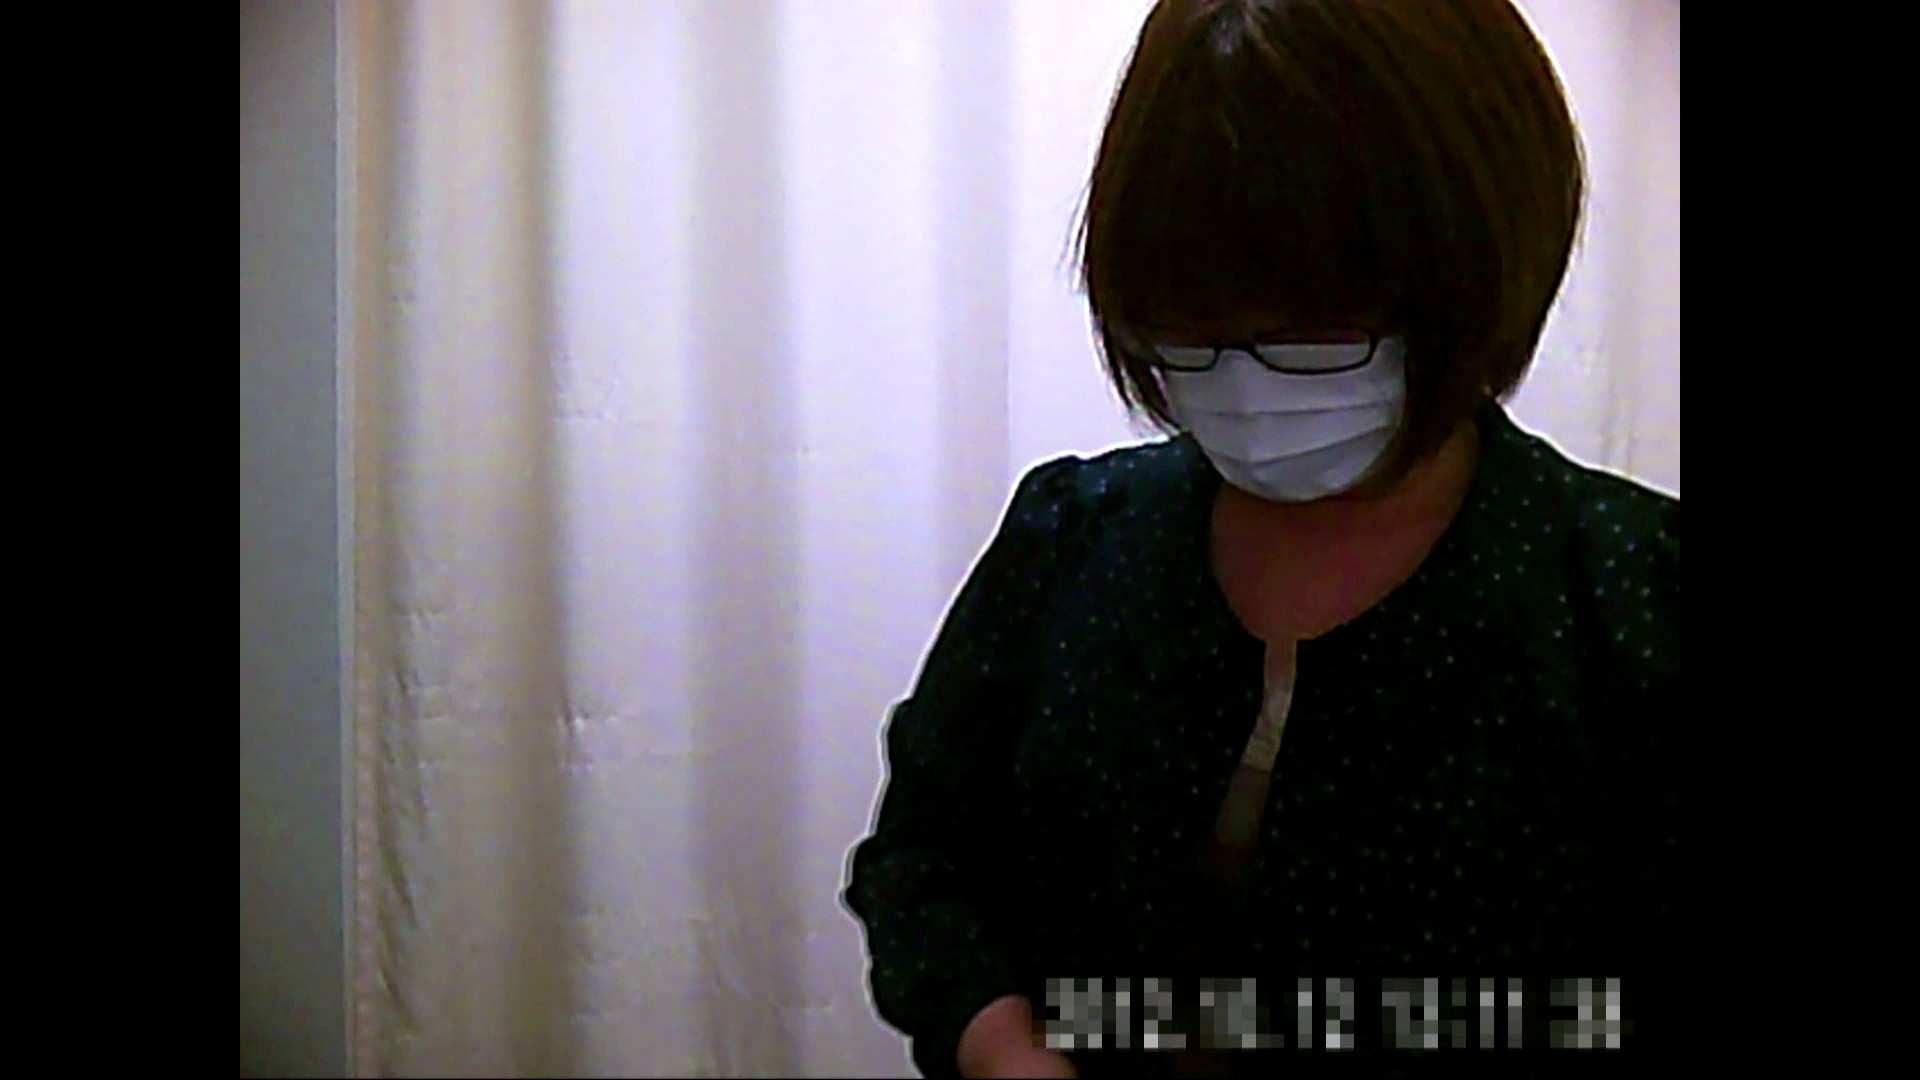 病院おもいっきり着替え! vol.235 貧乳編 AV動画キャプチャ 63画像 39